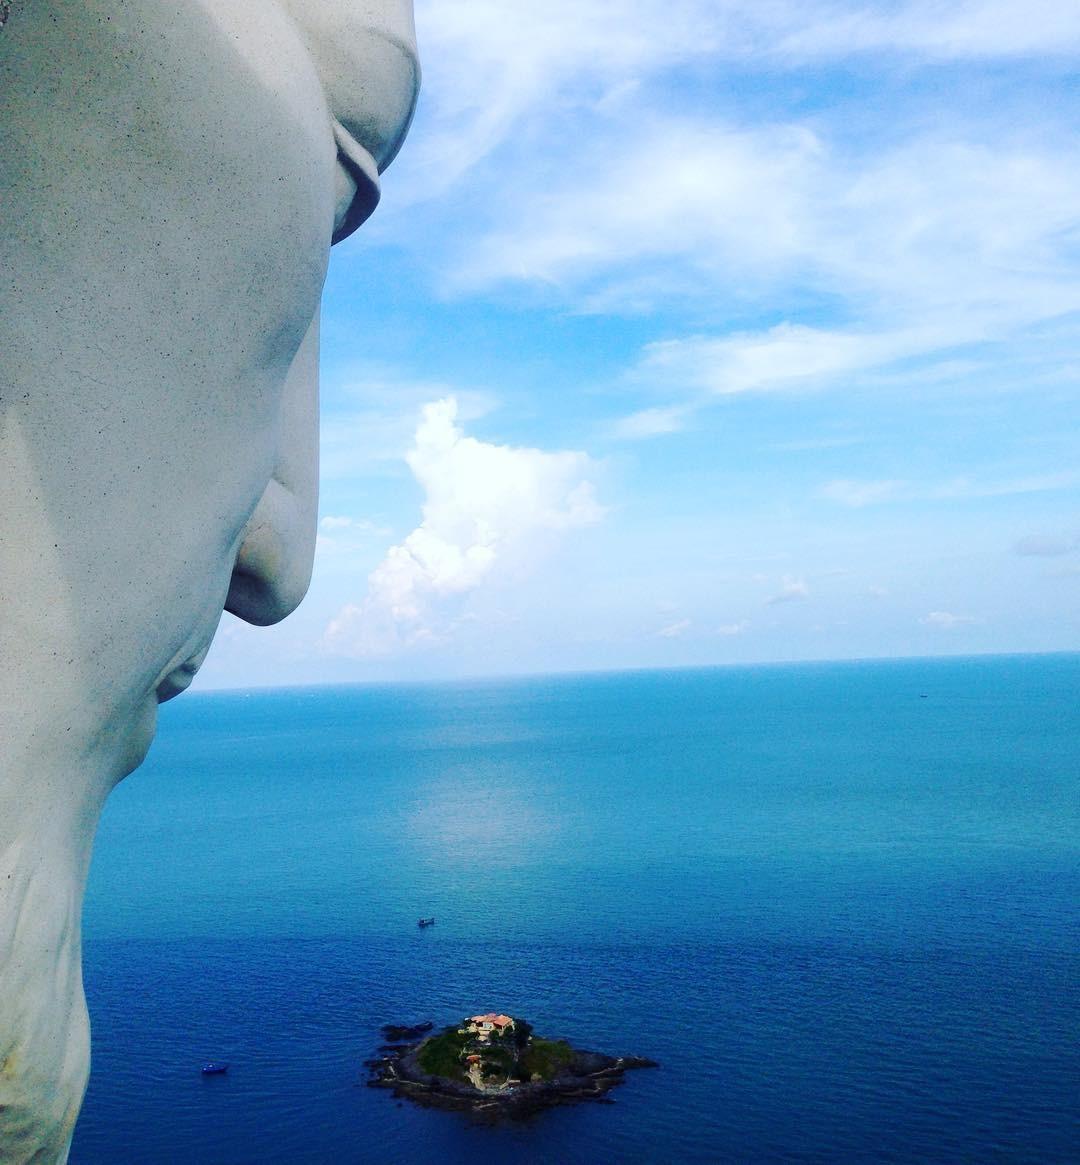 Từ cánh tay nhìn xuống biển Vũng Tàu